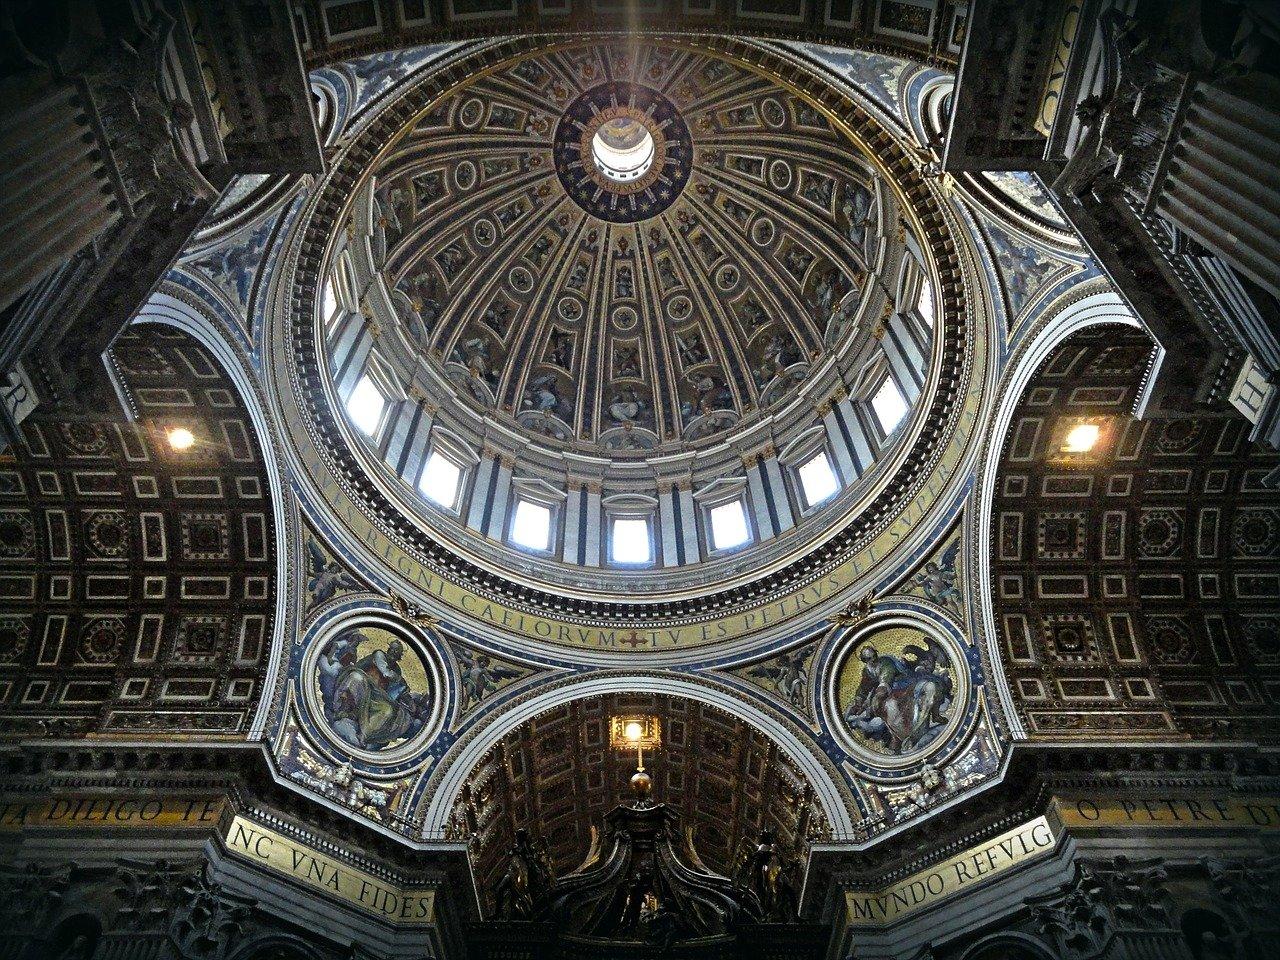 Wiele skarbów w małym kraju, czyli o Watykanie.